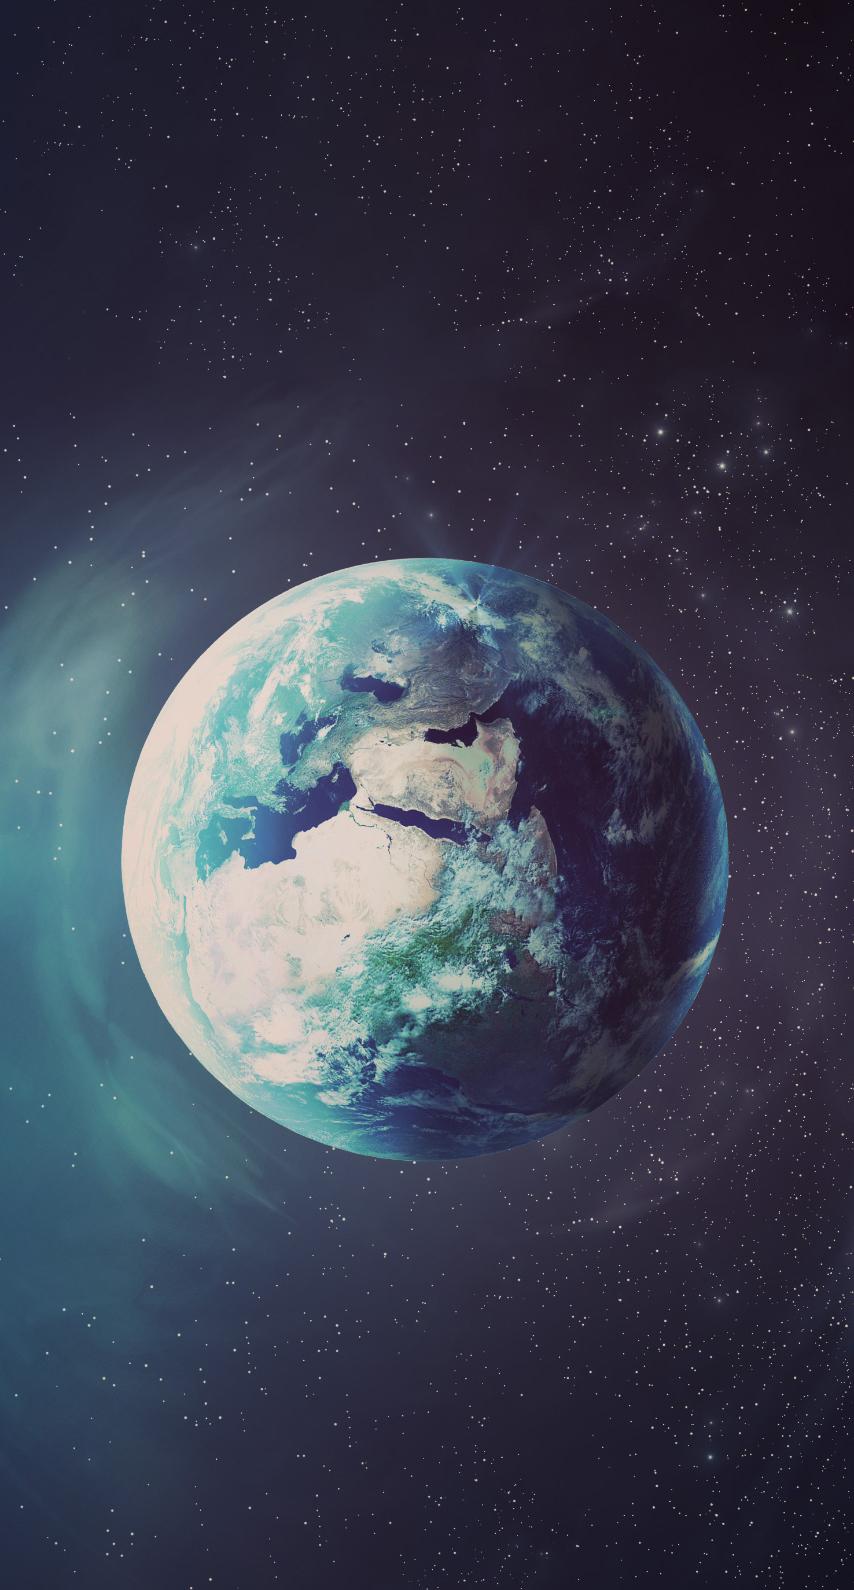 atmosphere, orbit